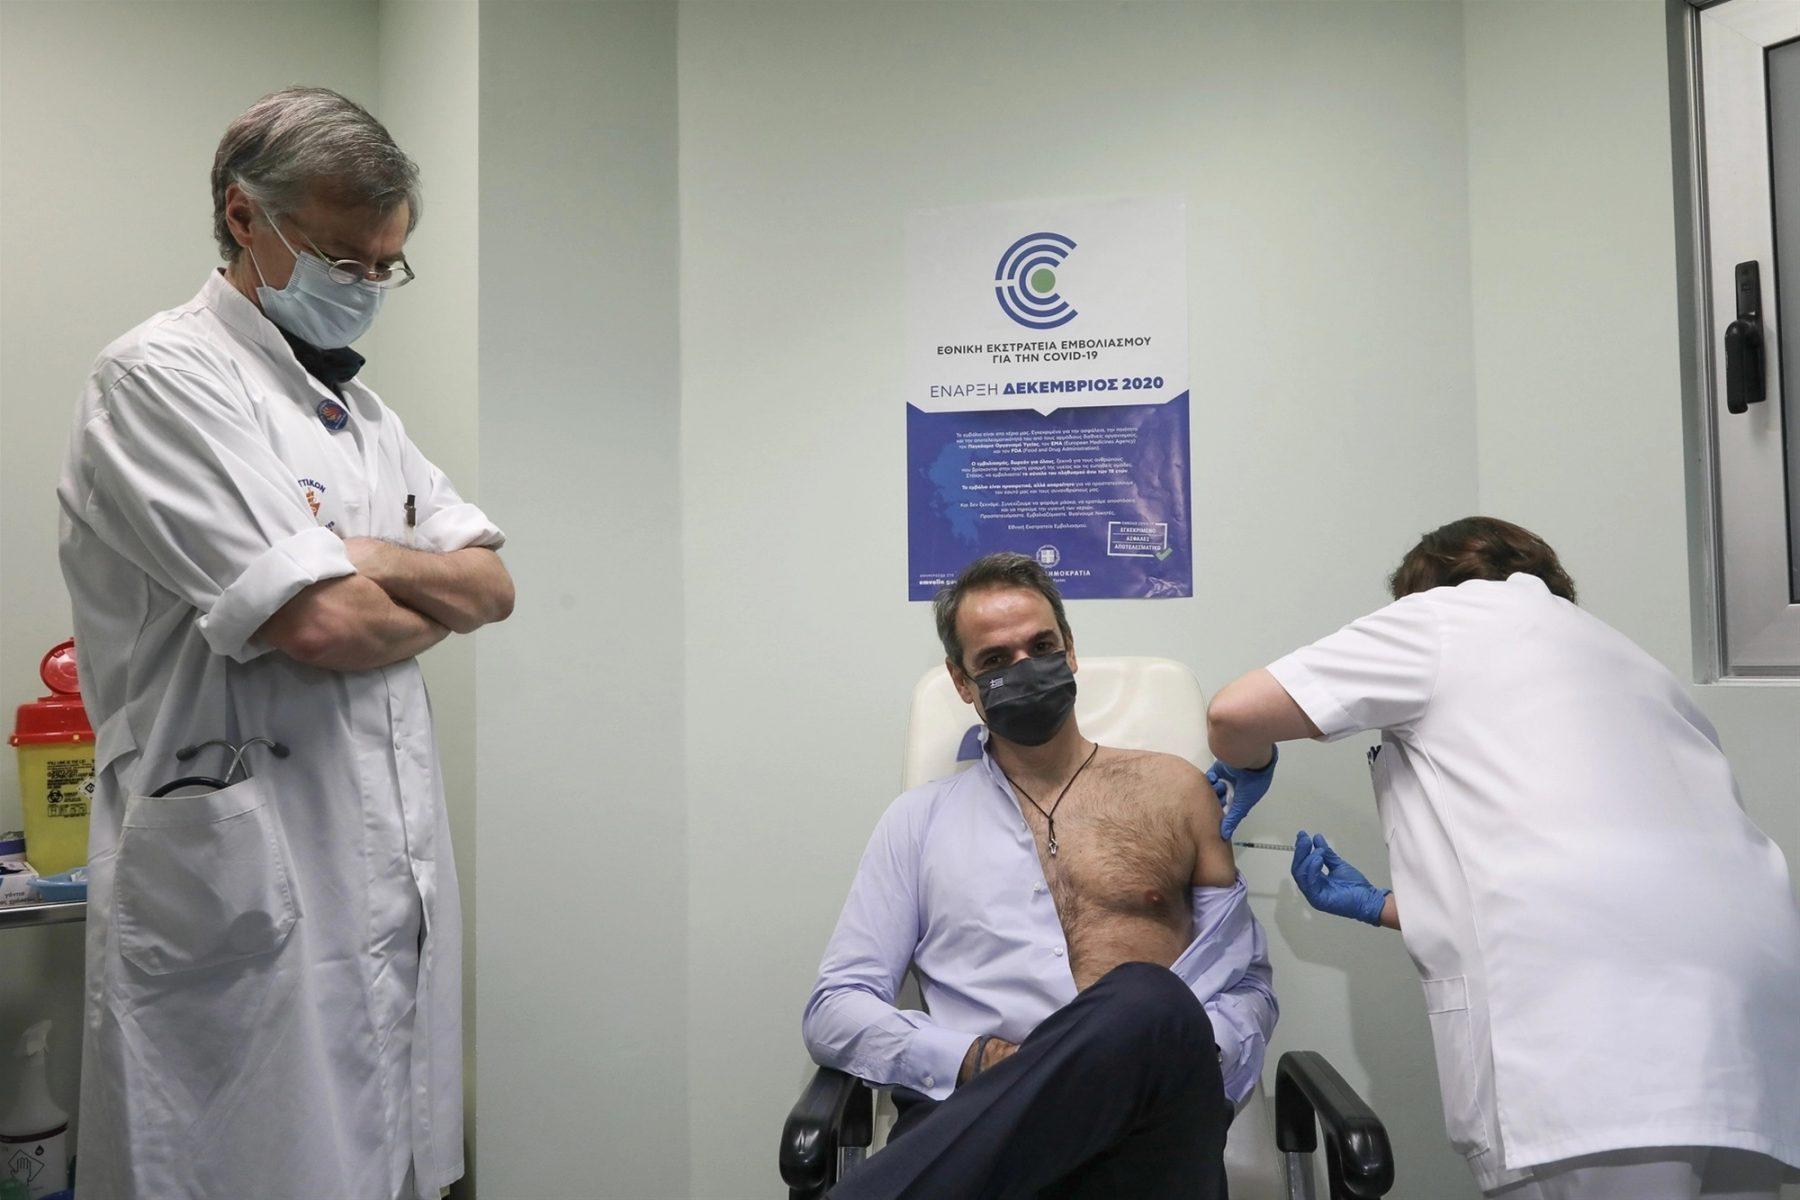 Κυριάκος Μητσοτάκης: Την δεύτερη δόση εμβολίου έλαβε ο πρωθυπουργός